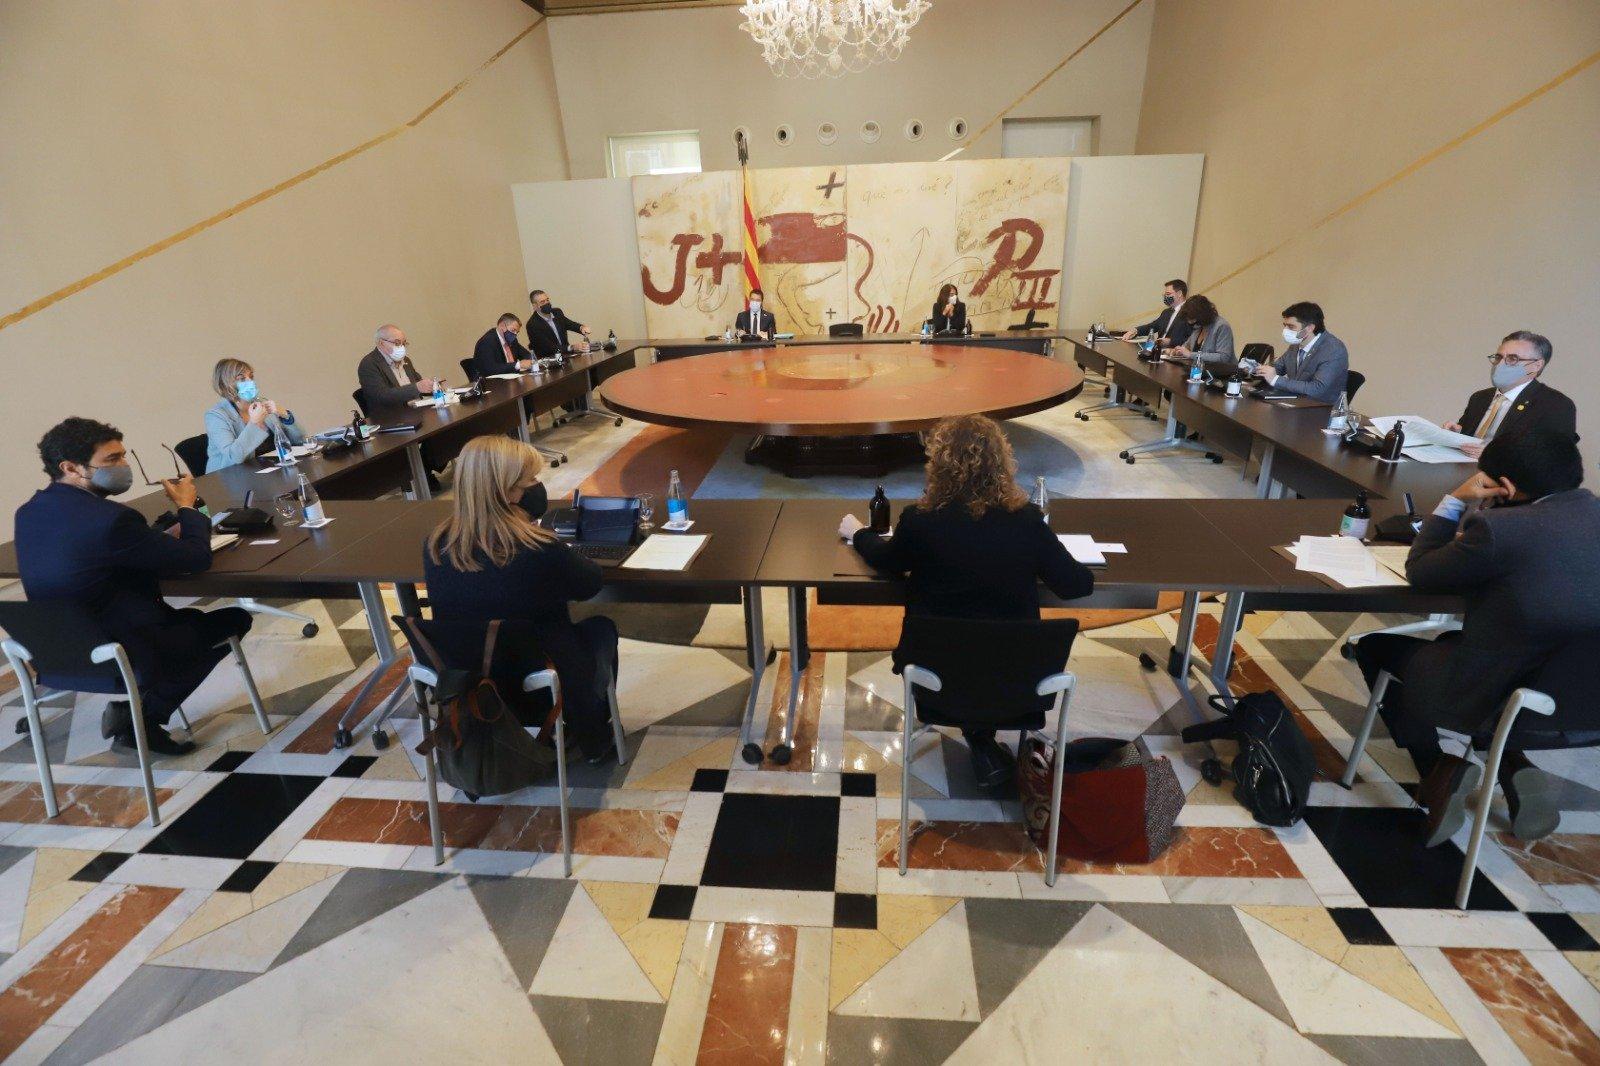 Reunió extraordinària del govern català celebrada aquest dijous, 29